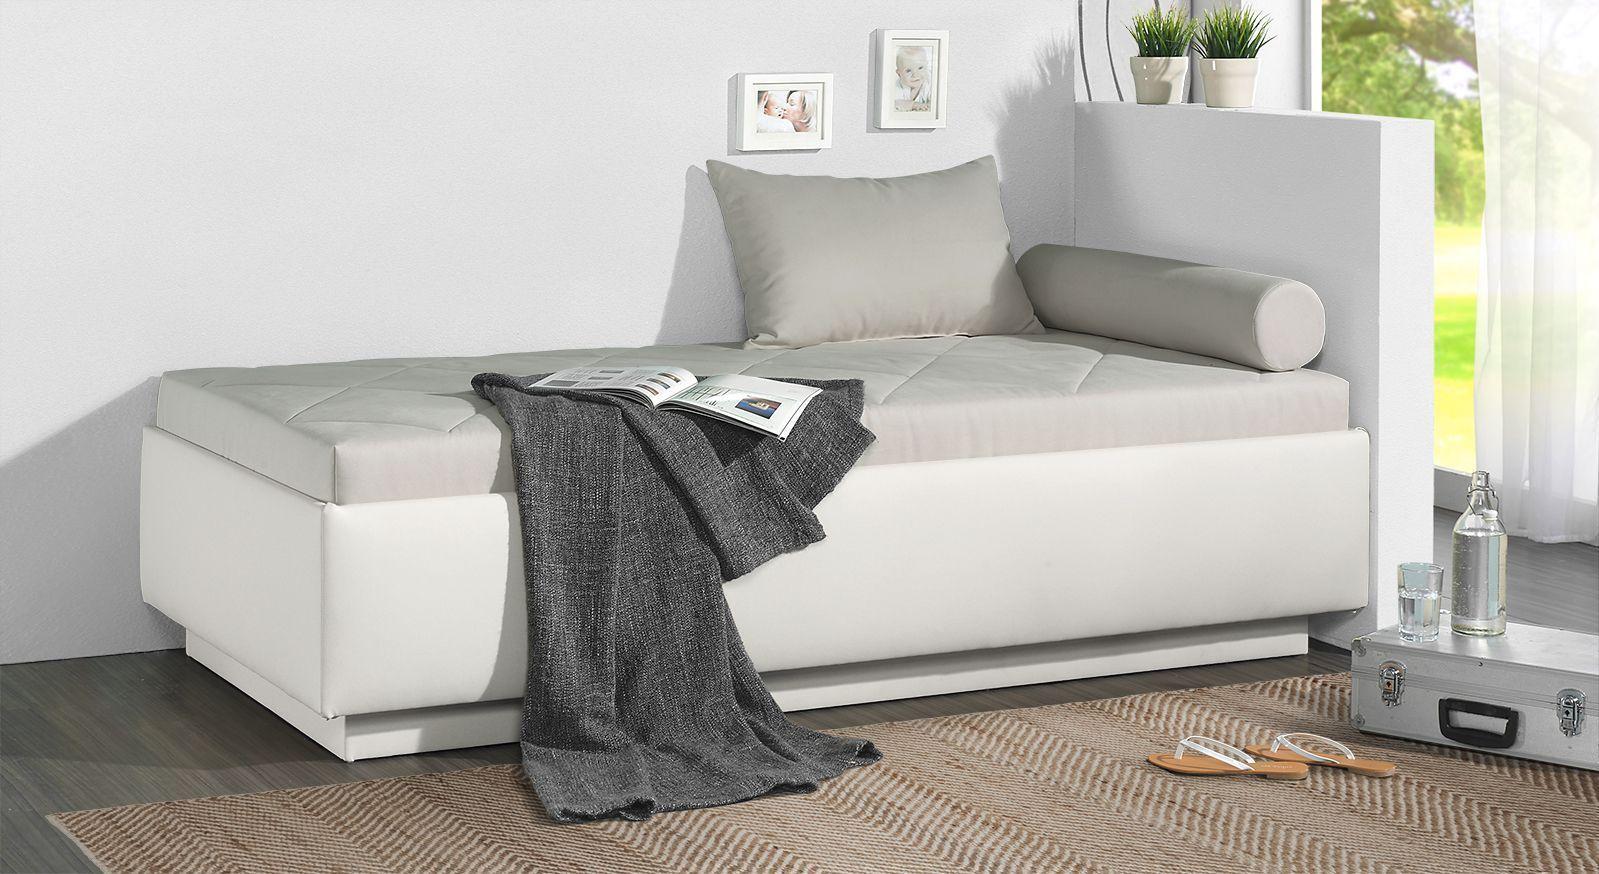 Relaxliege Eriko mit hellgrauem Microvelours und Kunstleder in Weiß